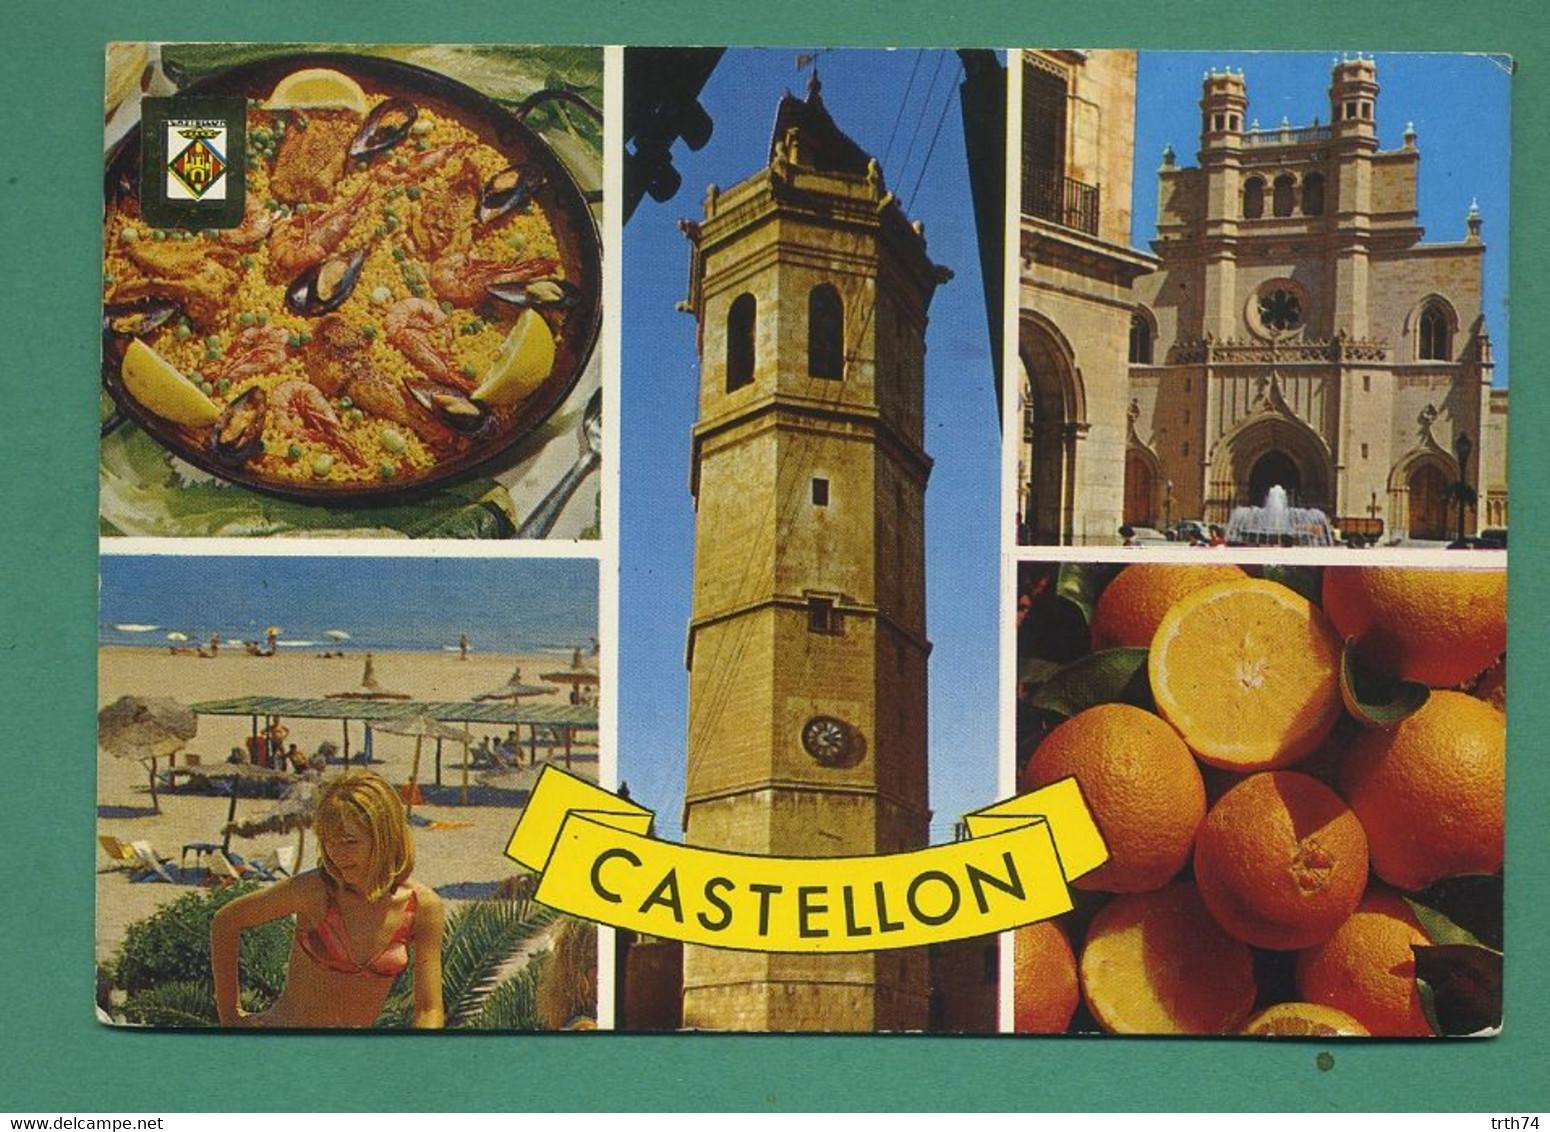 Espagne Castellon Paella, Plage, église ( Multivues, Coquillages, Moules, Langoustines, Oranges ) - Castellón